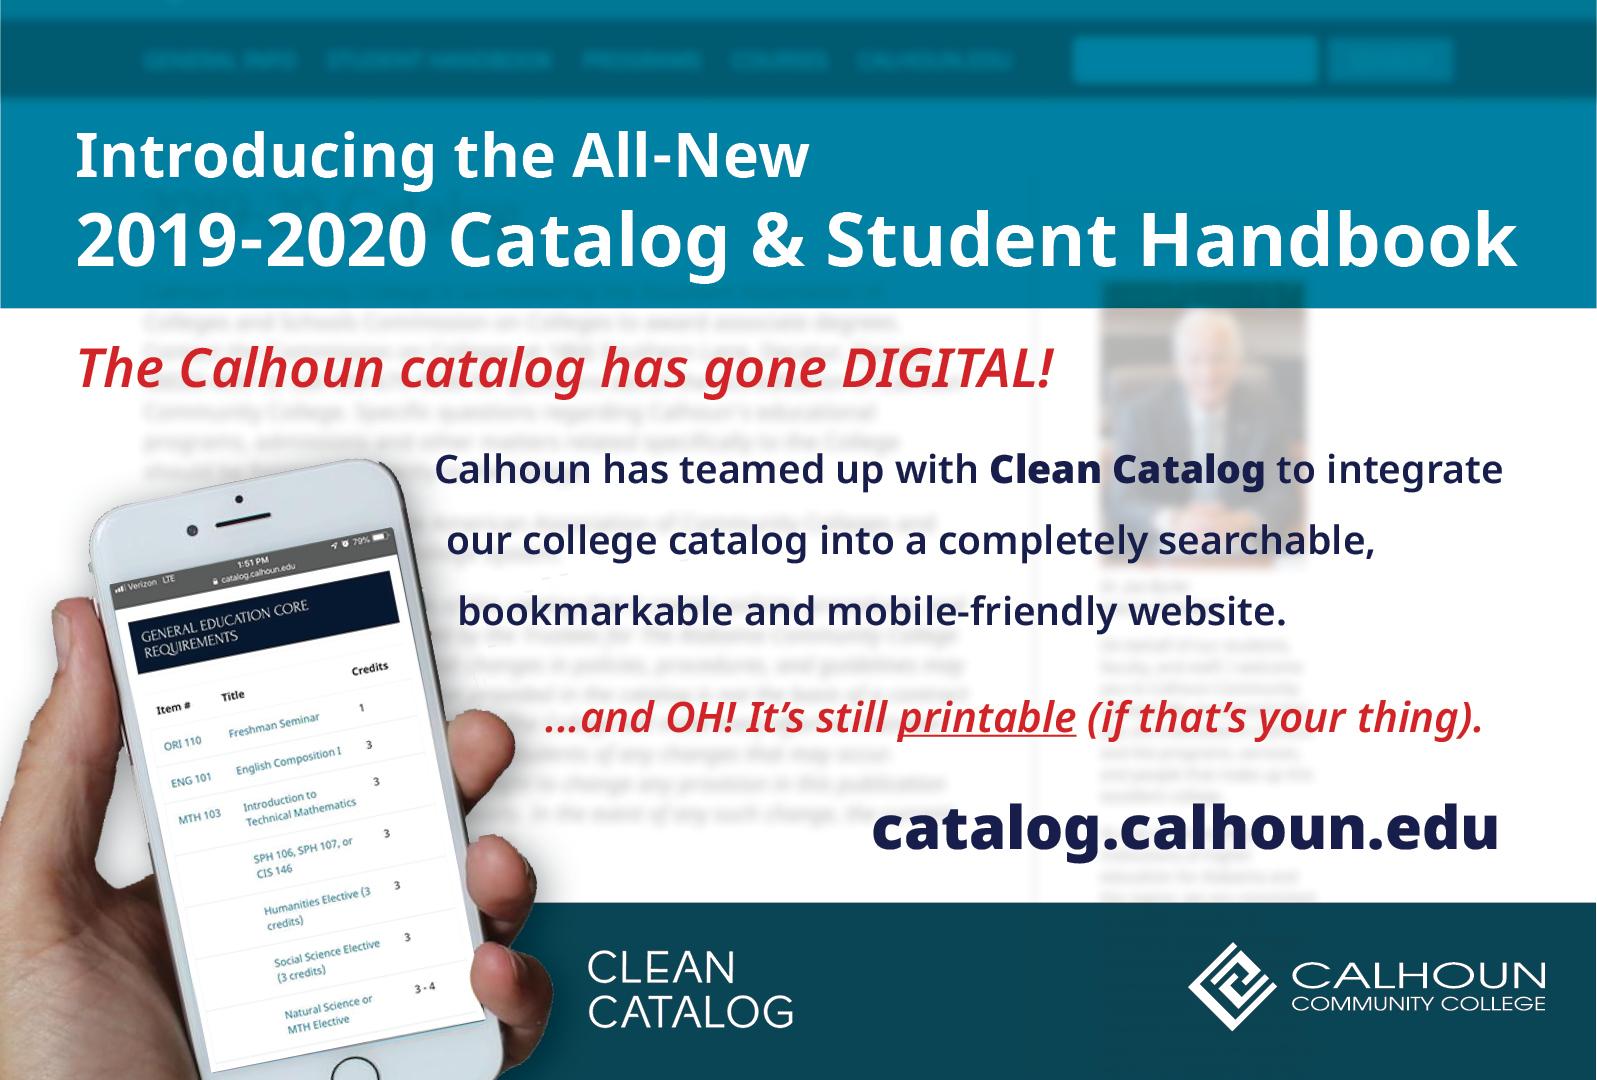 Clean Catalog